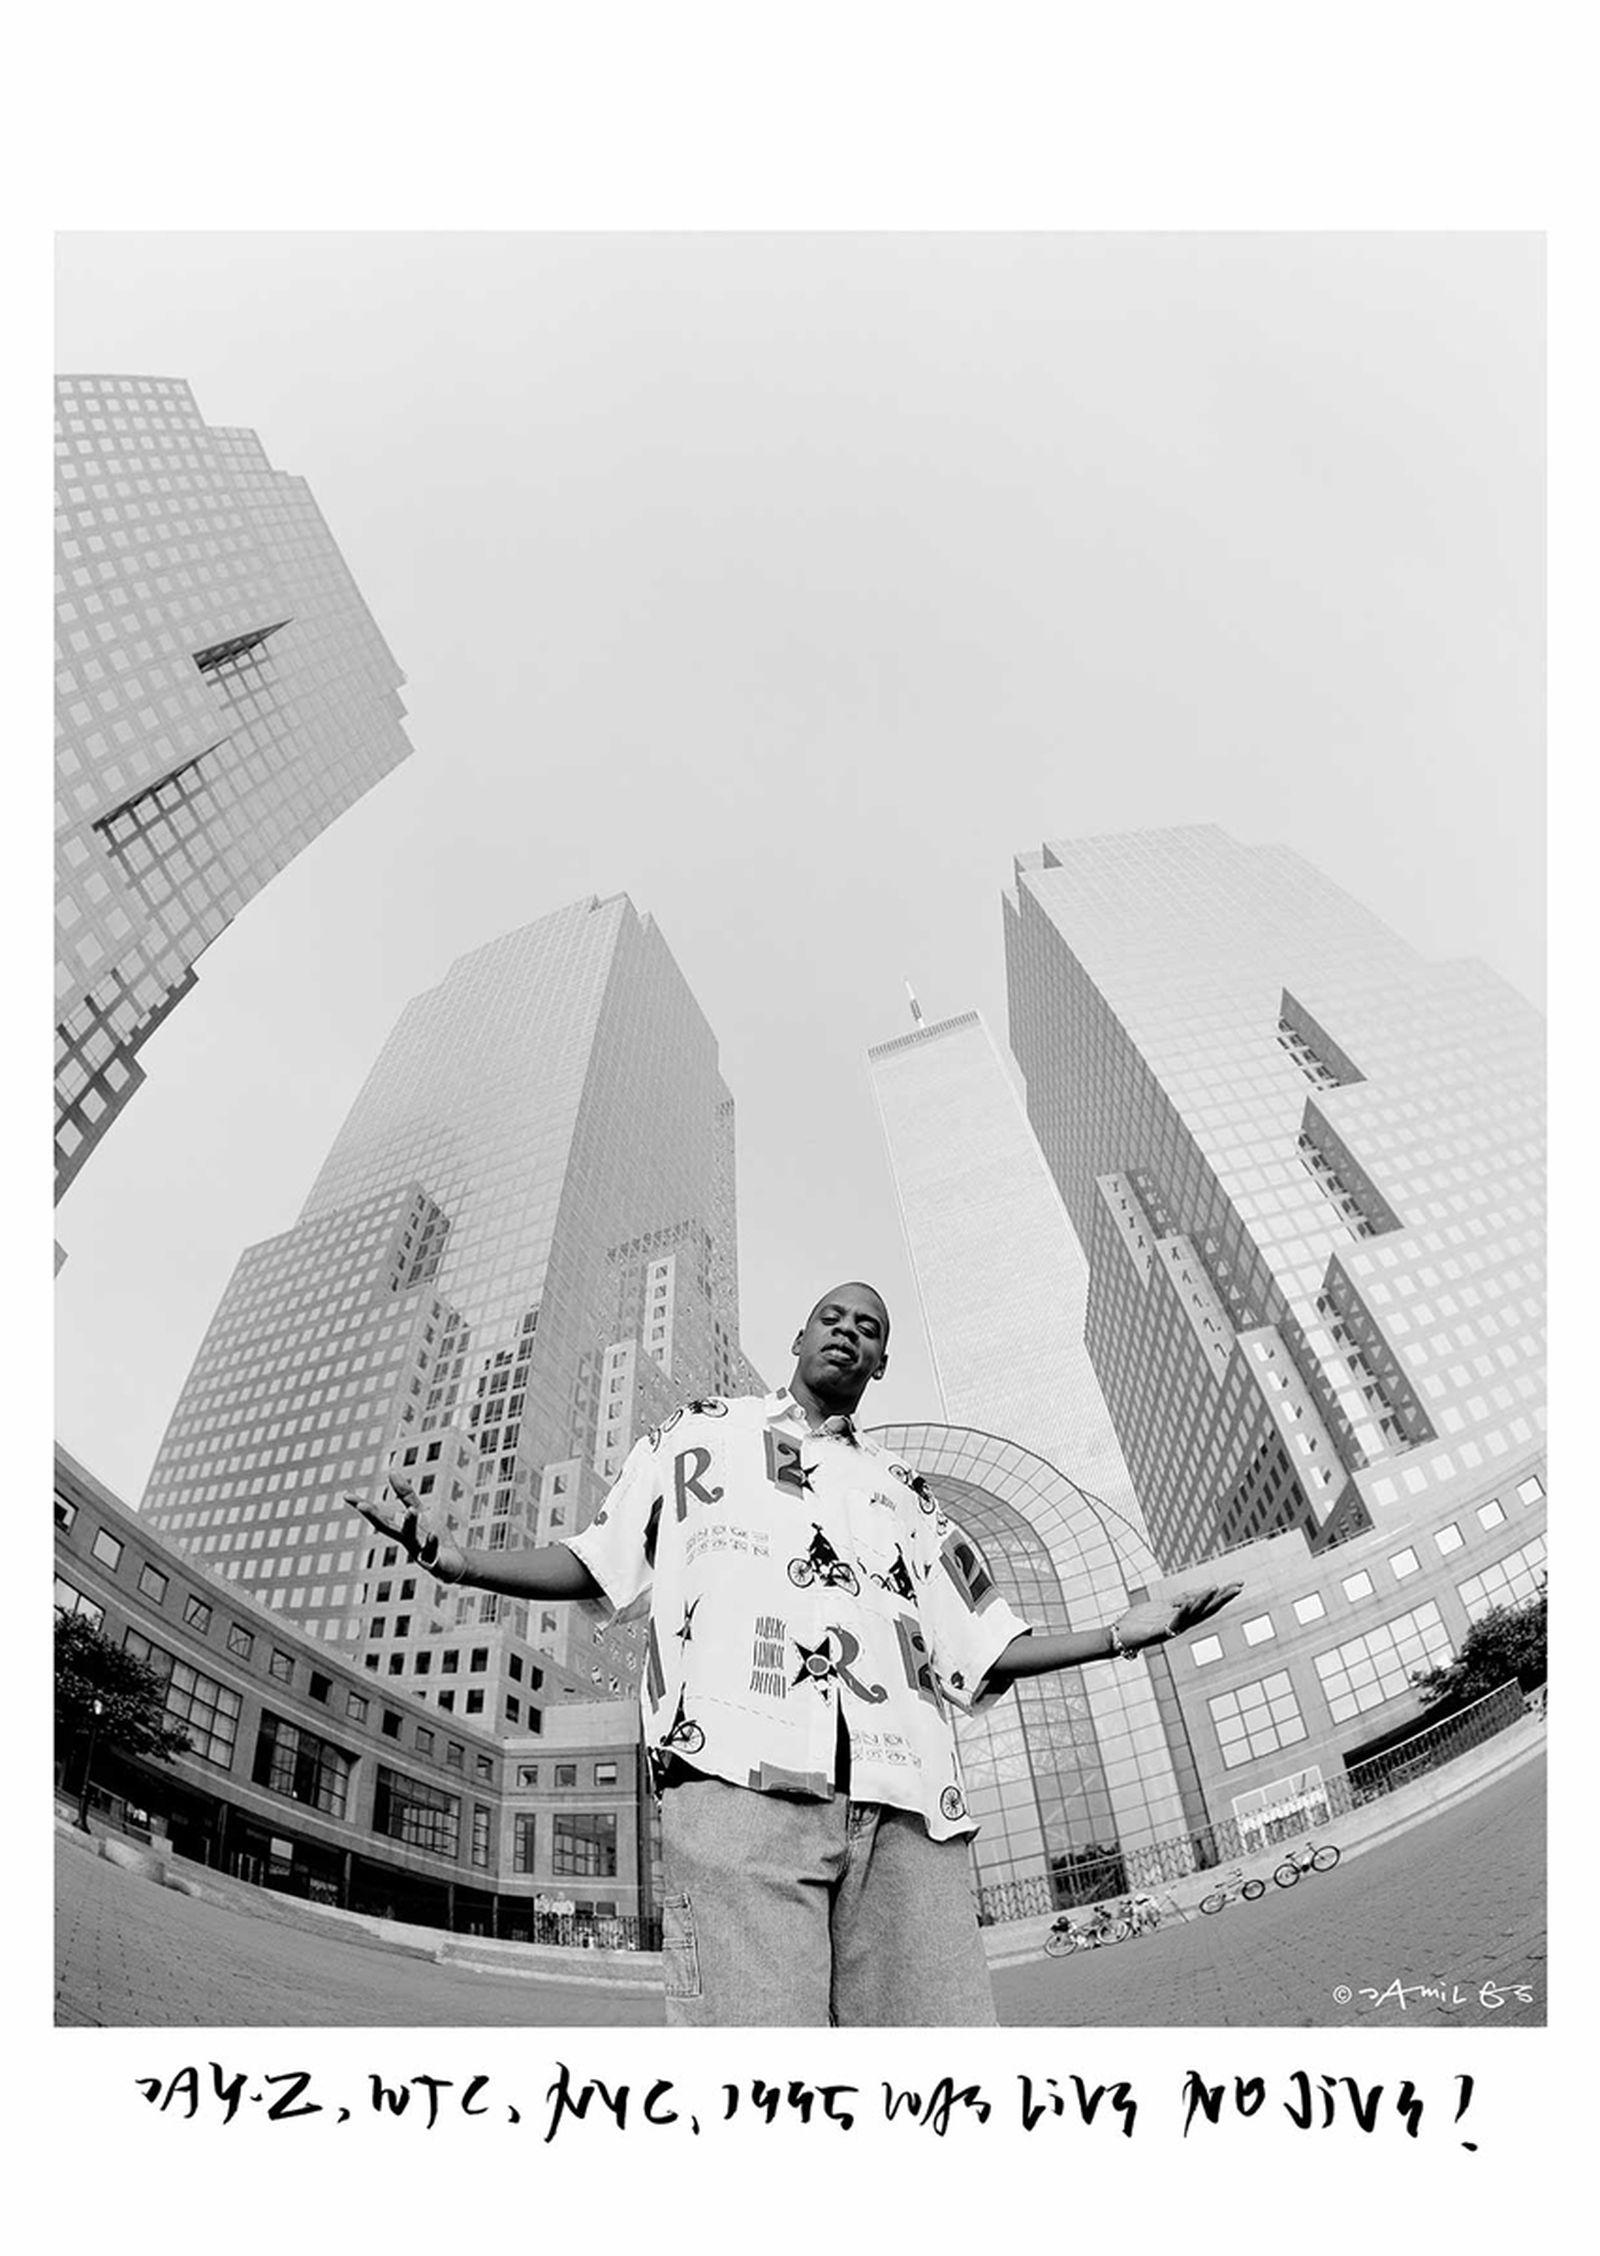 jamil-gs-the-dope-hip-hop-shop-launch-01